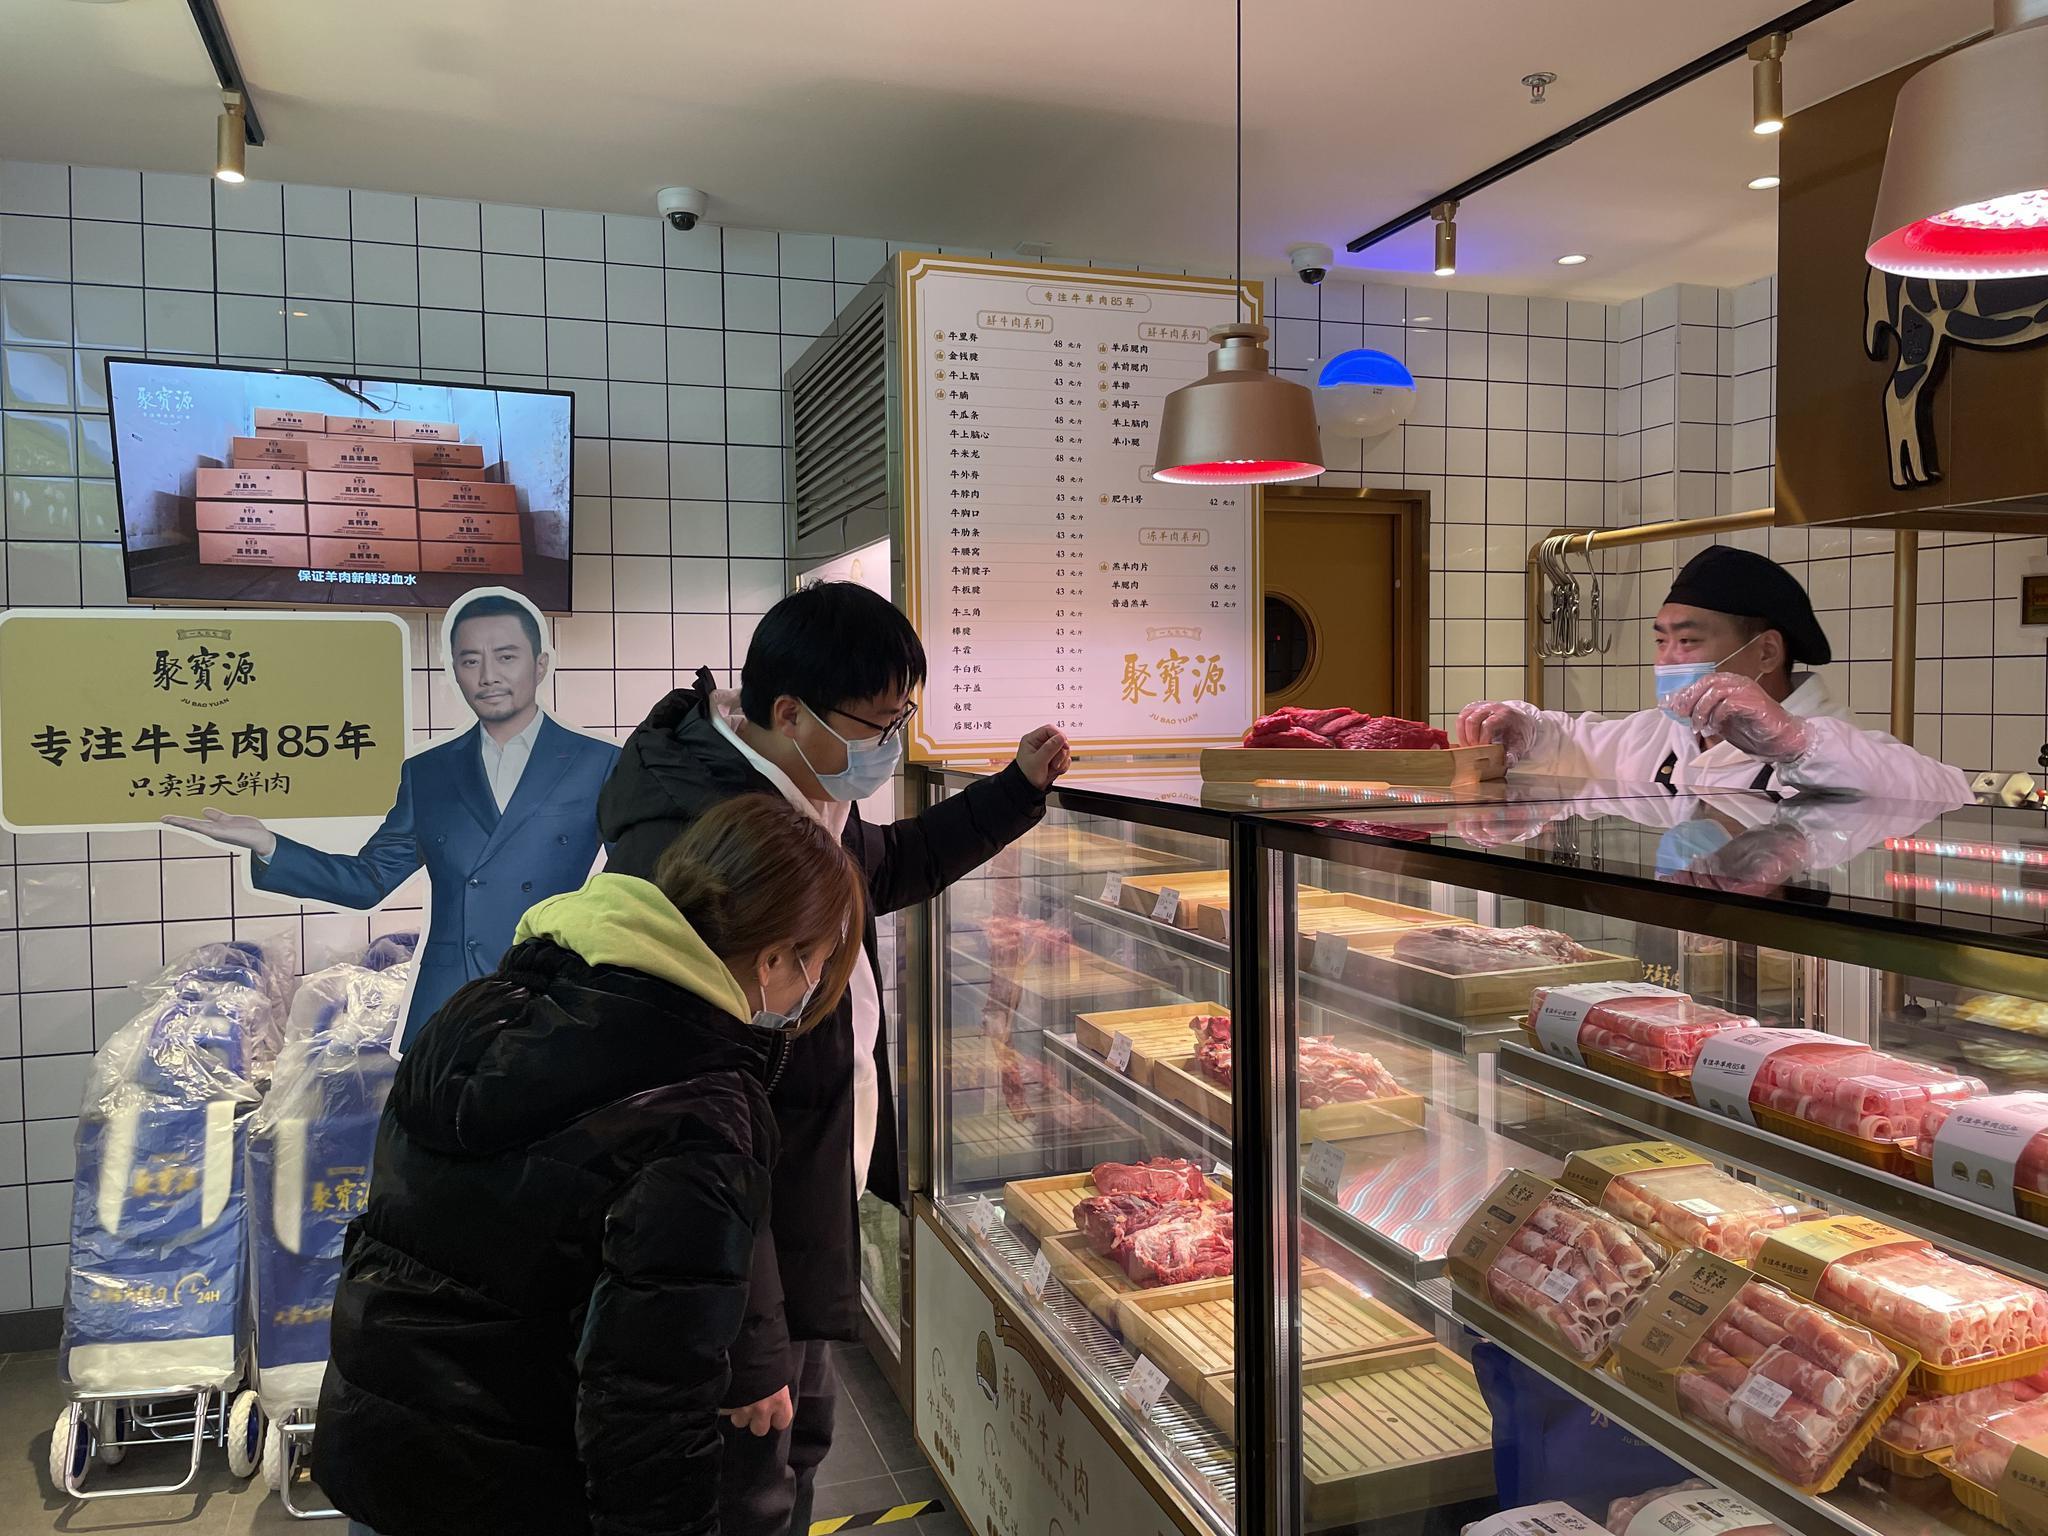 北京老字号发力社区门店 传统餐企转型升级主打便民快捷